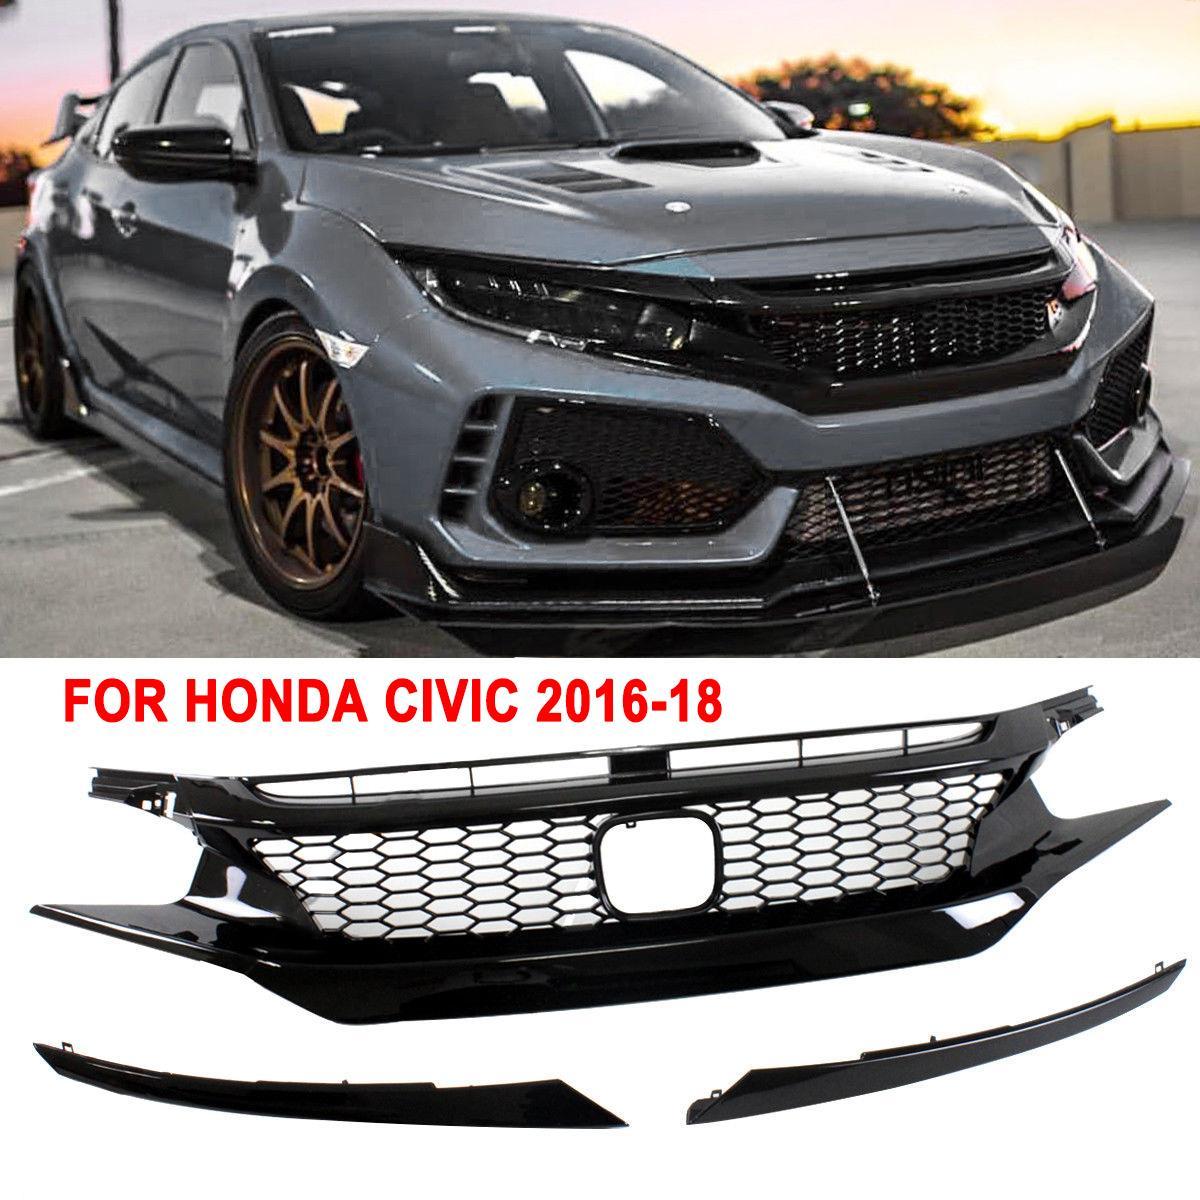 Nouvelle pièce de rechange pour Honda pour Civic 2016 2017 2018 2019 10th Gen JDM-CTR Style brillant noir maille Grille de capot avant